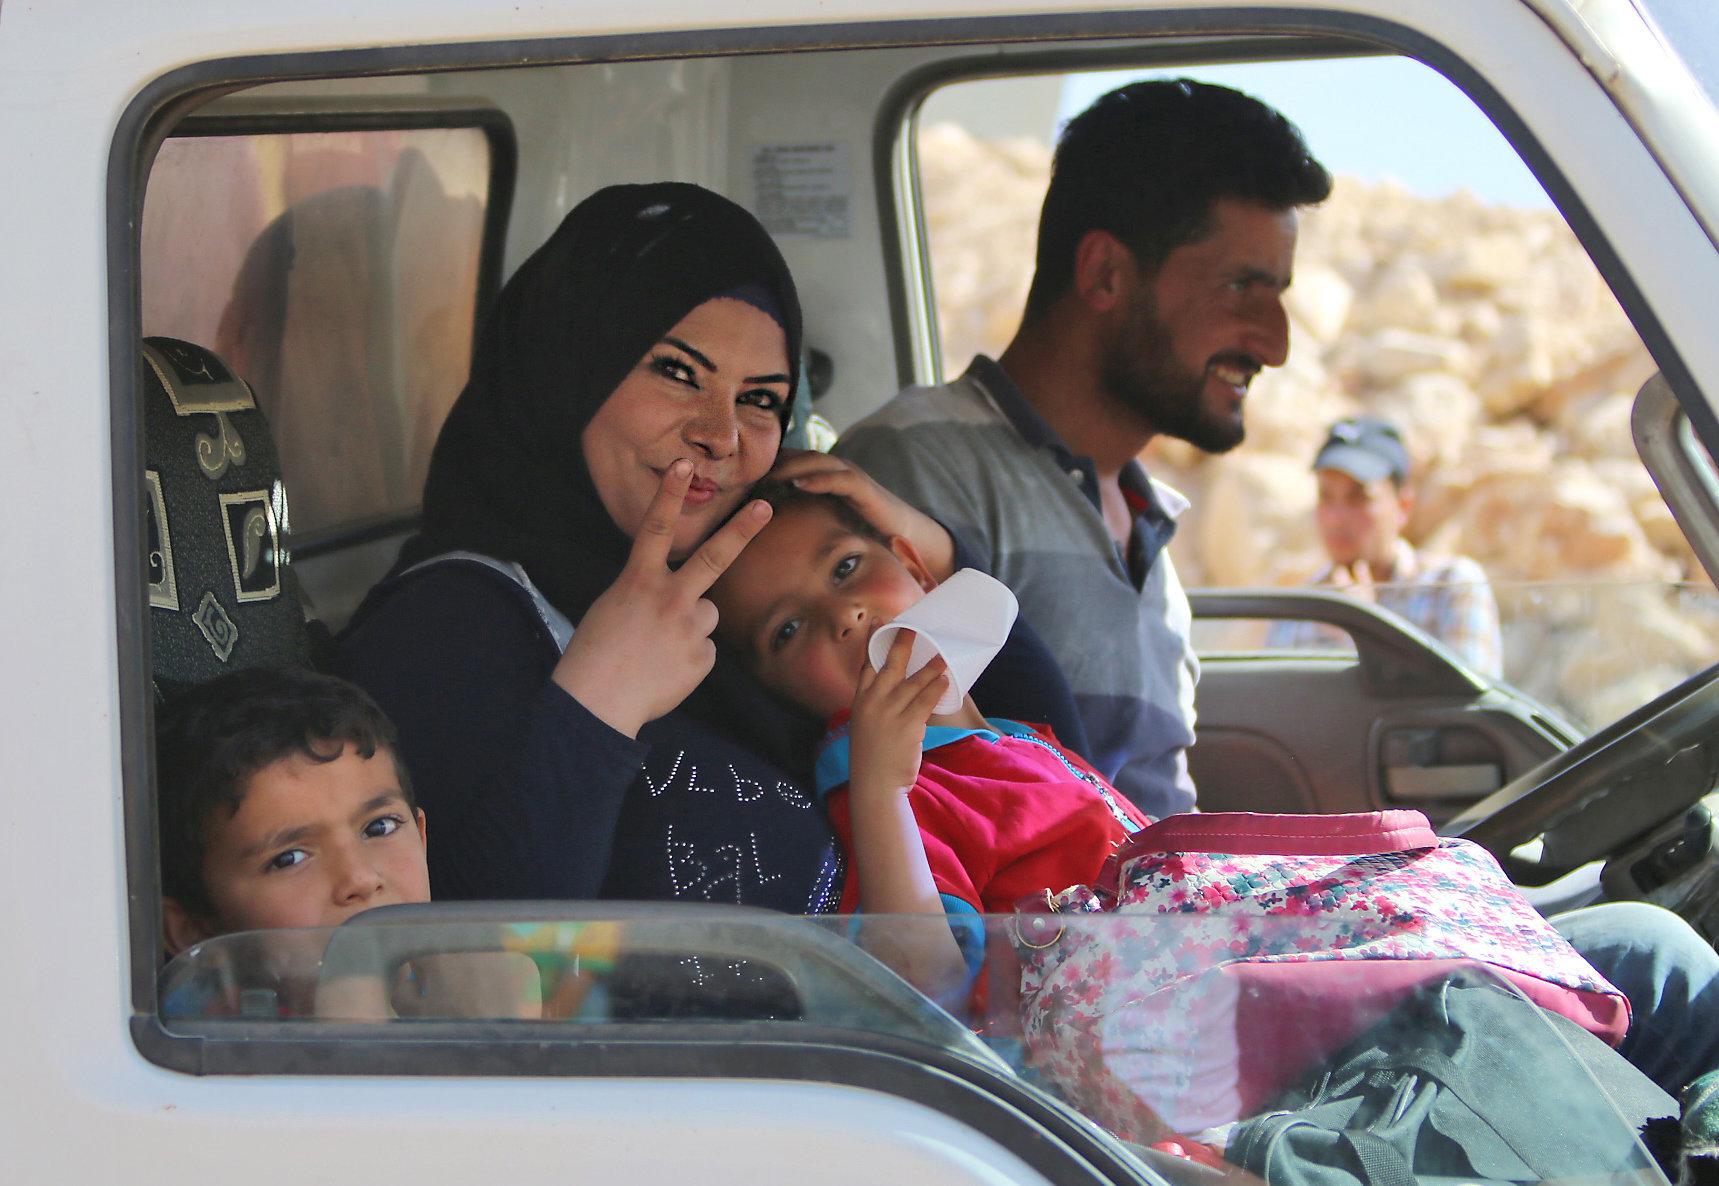 Ταξίδι επιστροφής στην κατεστραμμένη Συρία. 400 πρόσφυγες εγκατέλειψαν τον Λίβανο για την πατρίδα